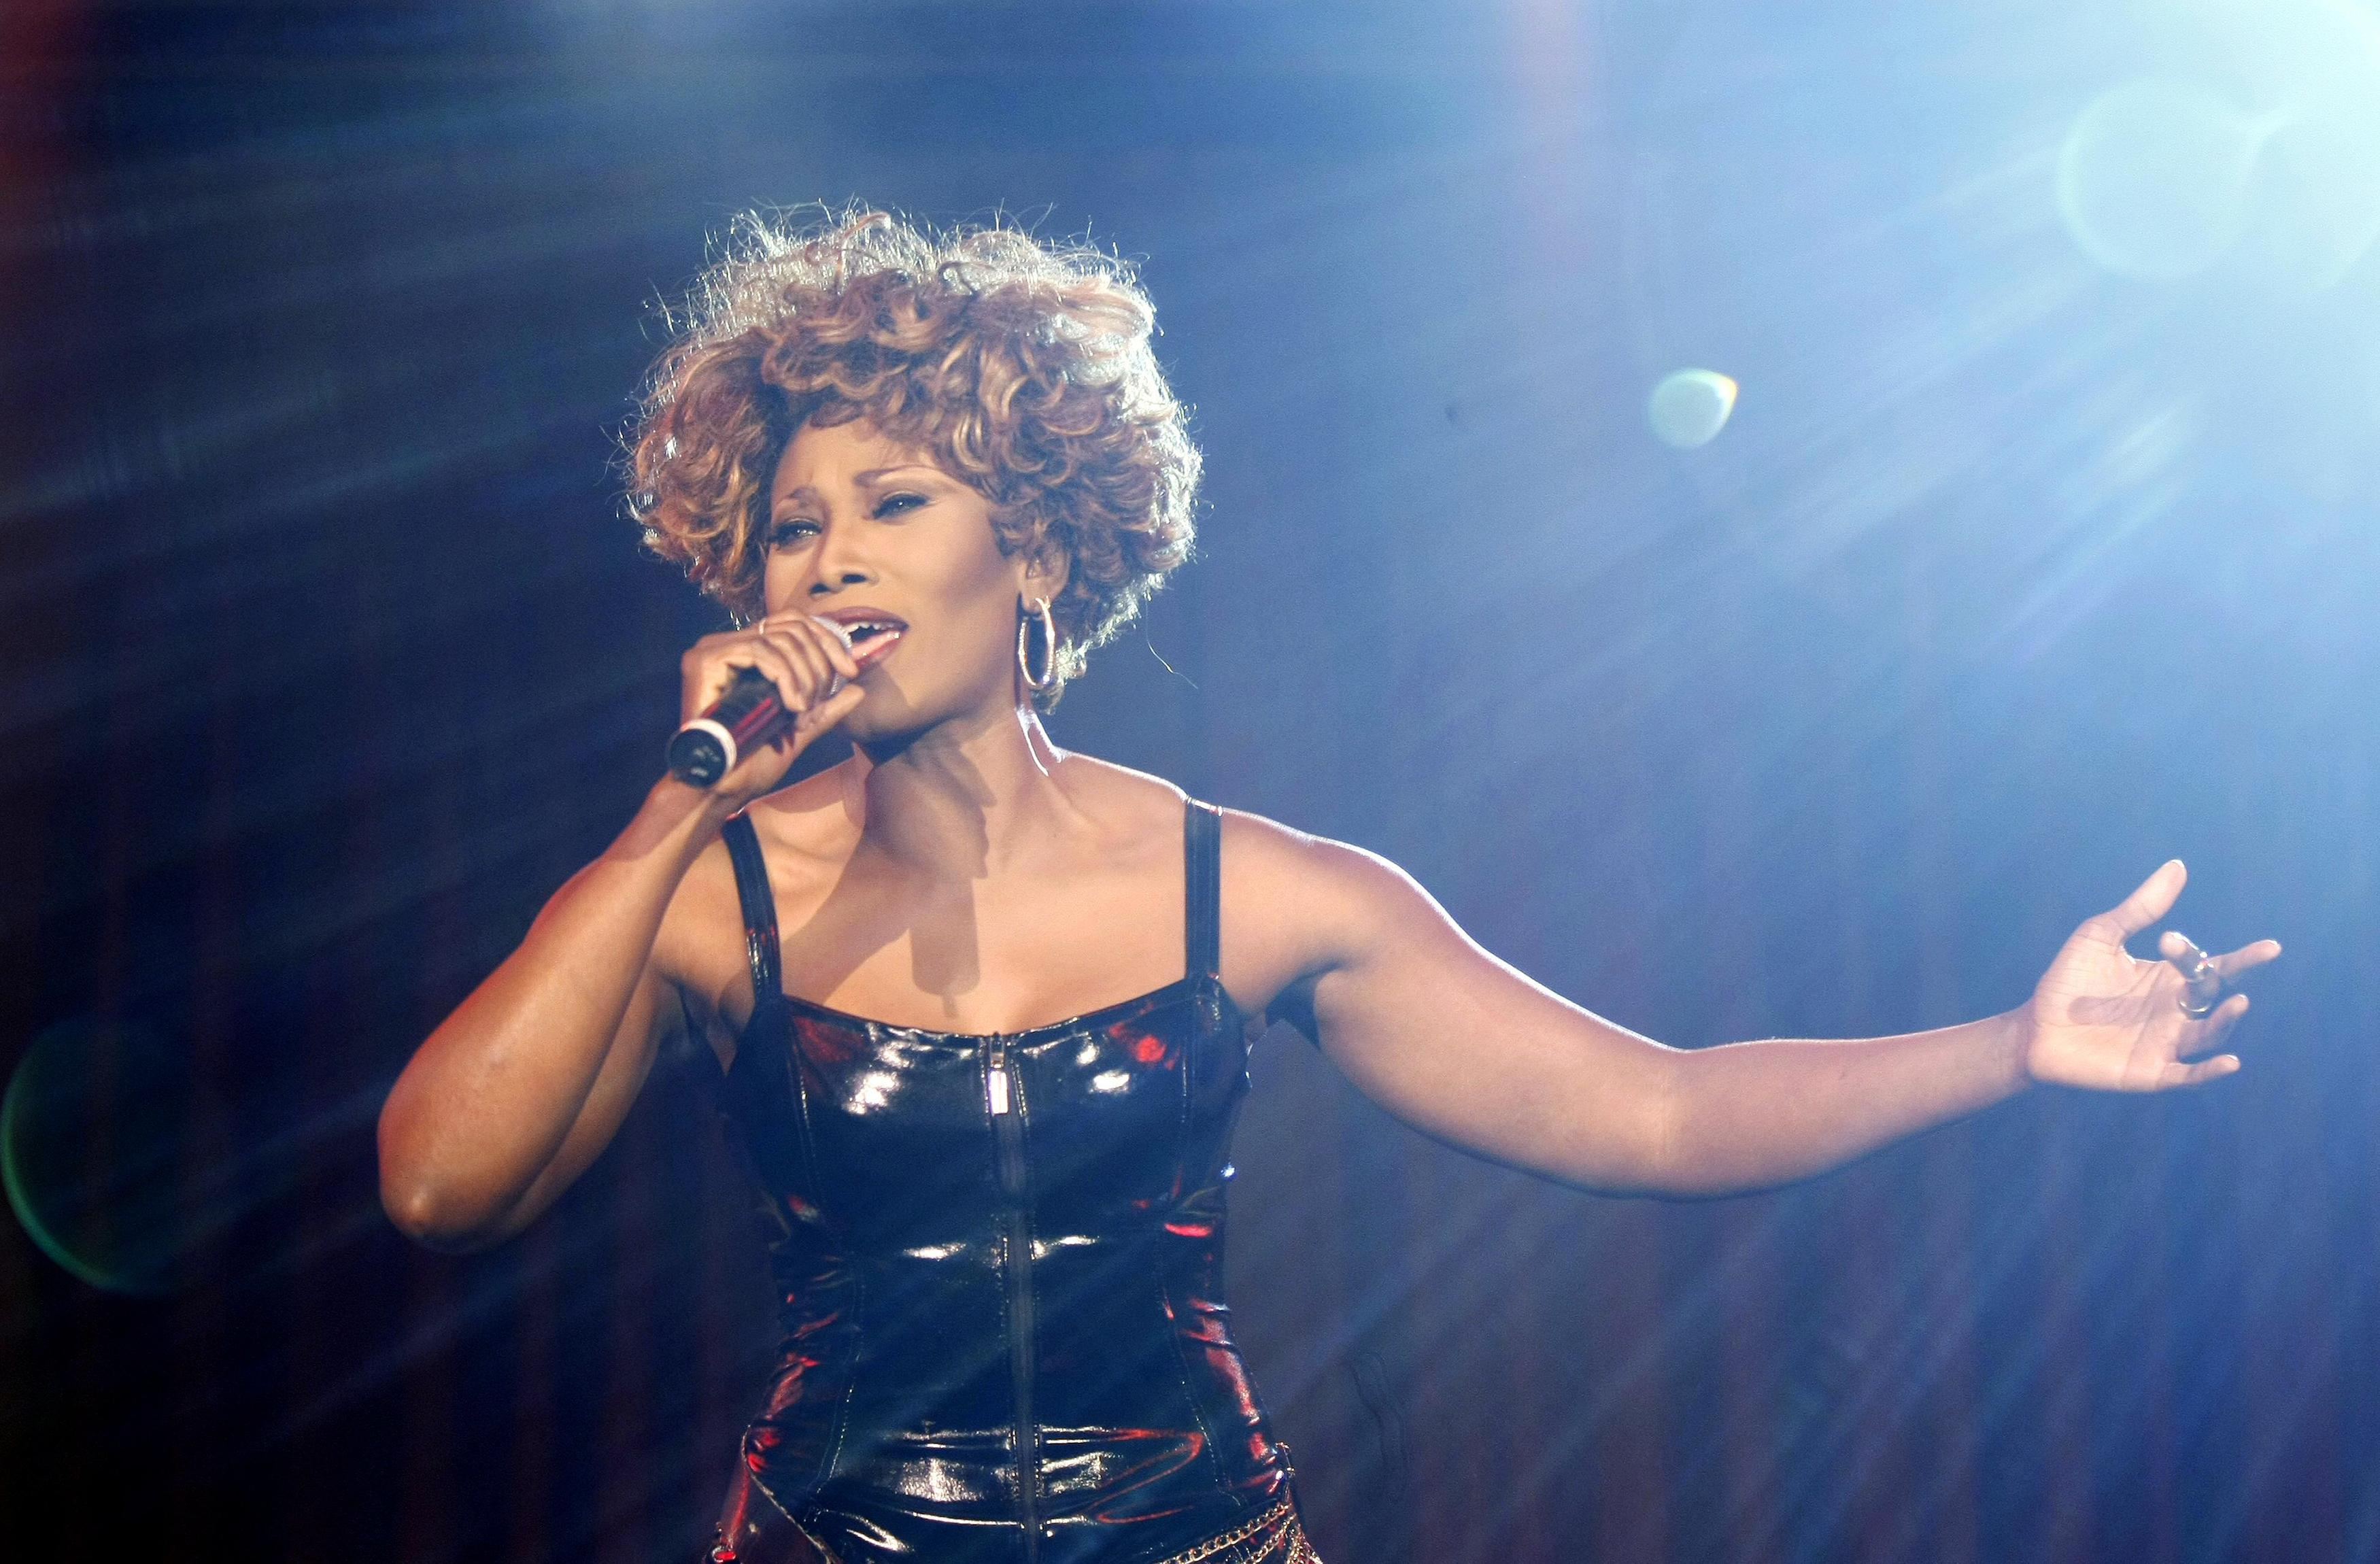 Die Musical-Darstellerin als Tina Turner auf der Bühne